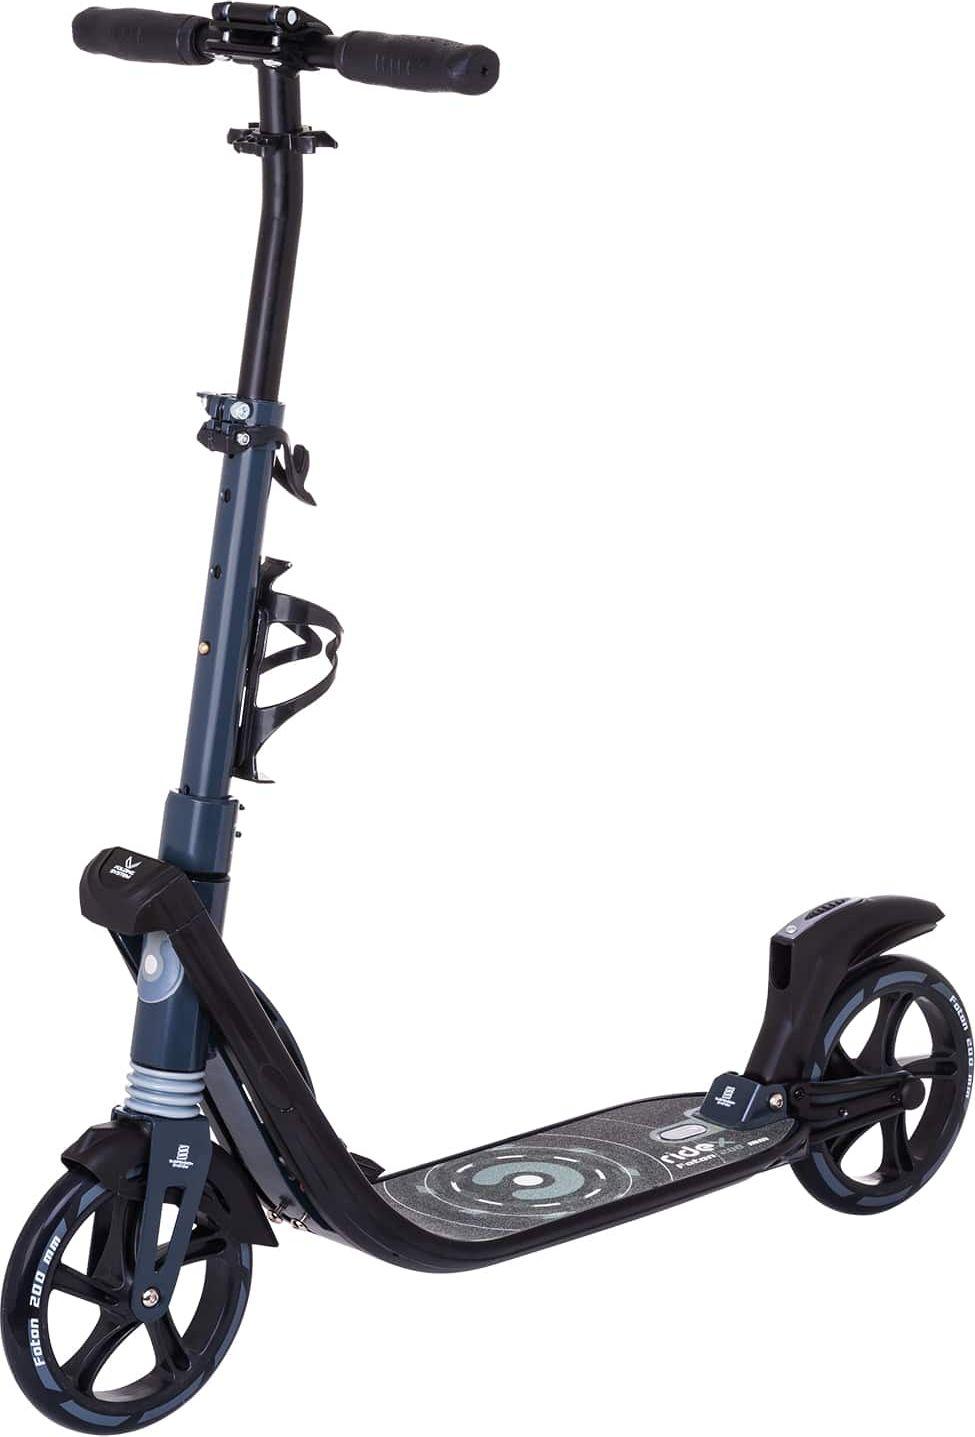 Самокат Ridex Foton, 2-х колесный, колеса 200 мм, цвет: черный двухколесные самокаты ridex stellar 200 мм